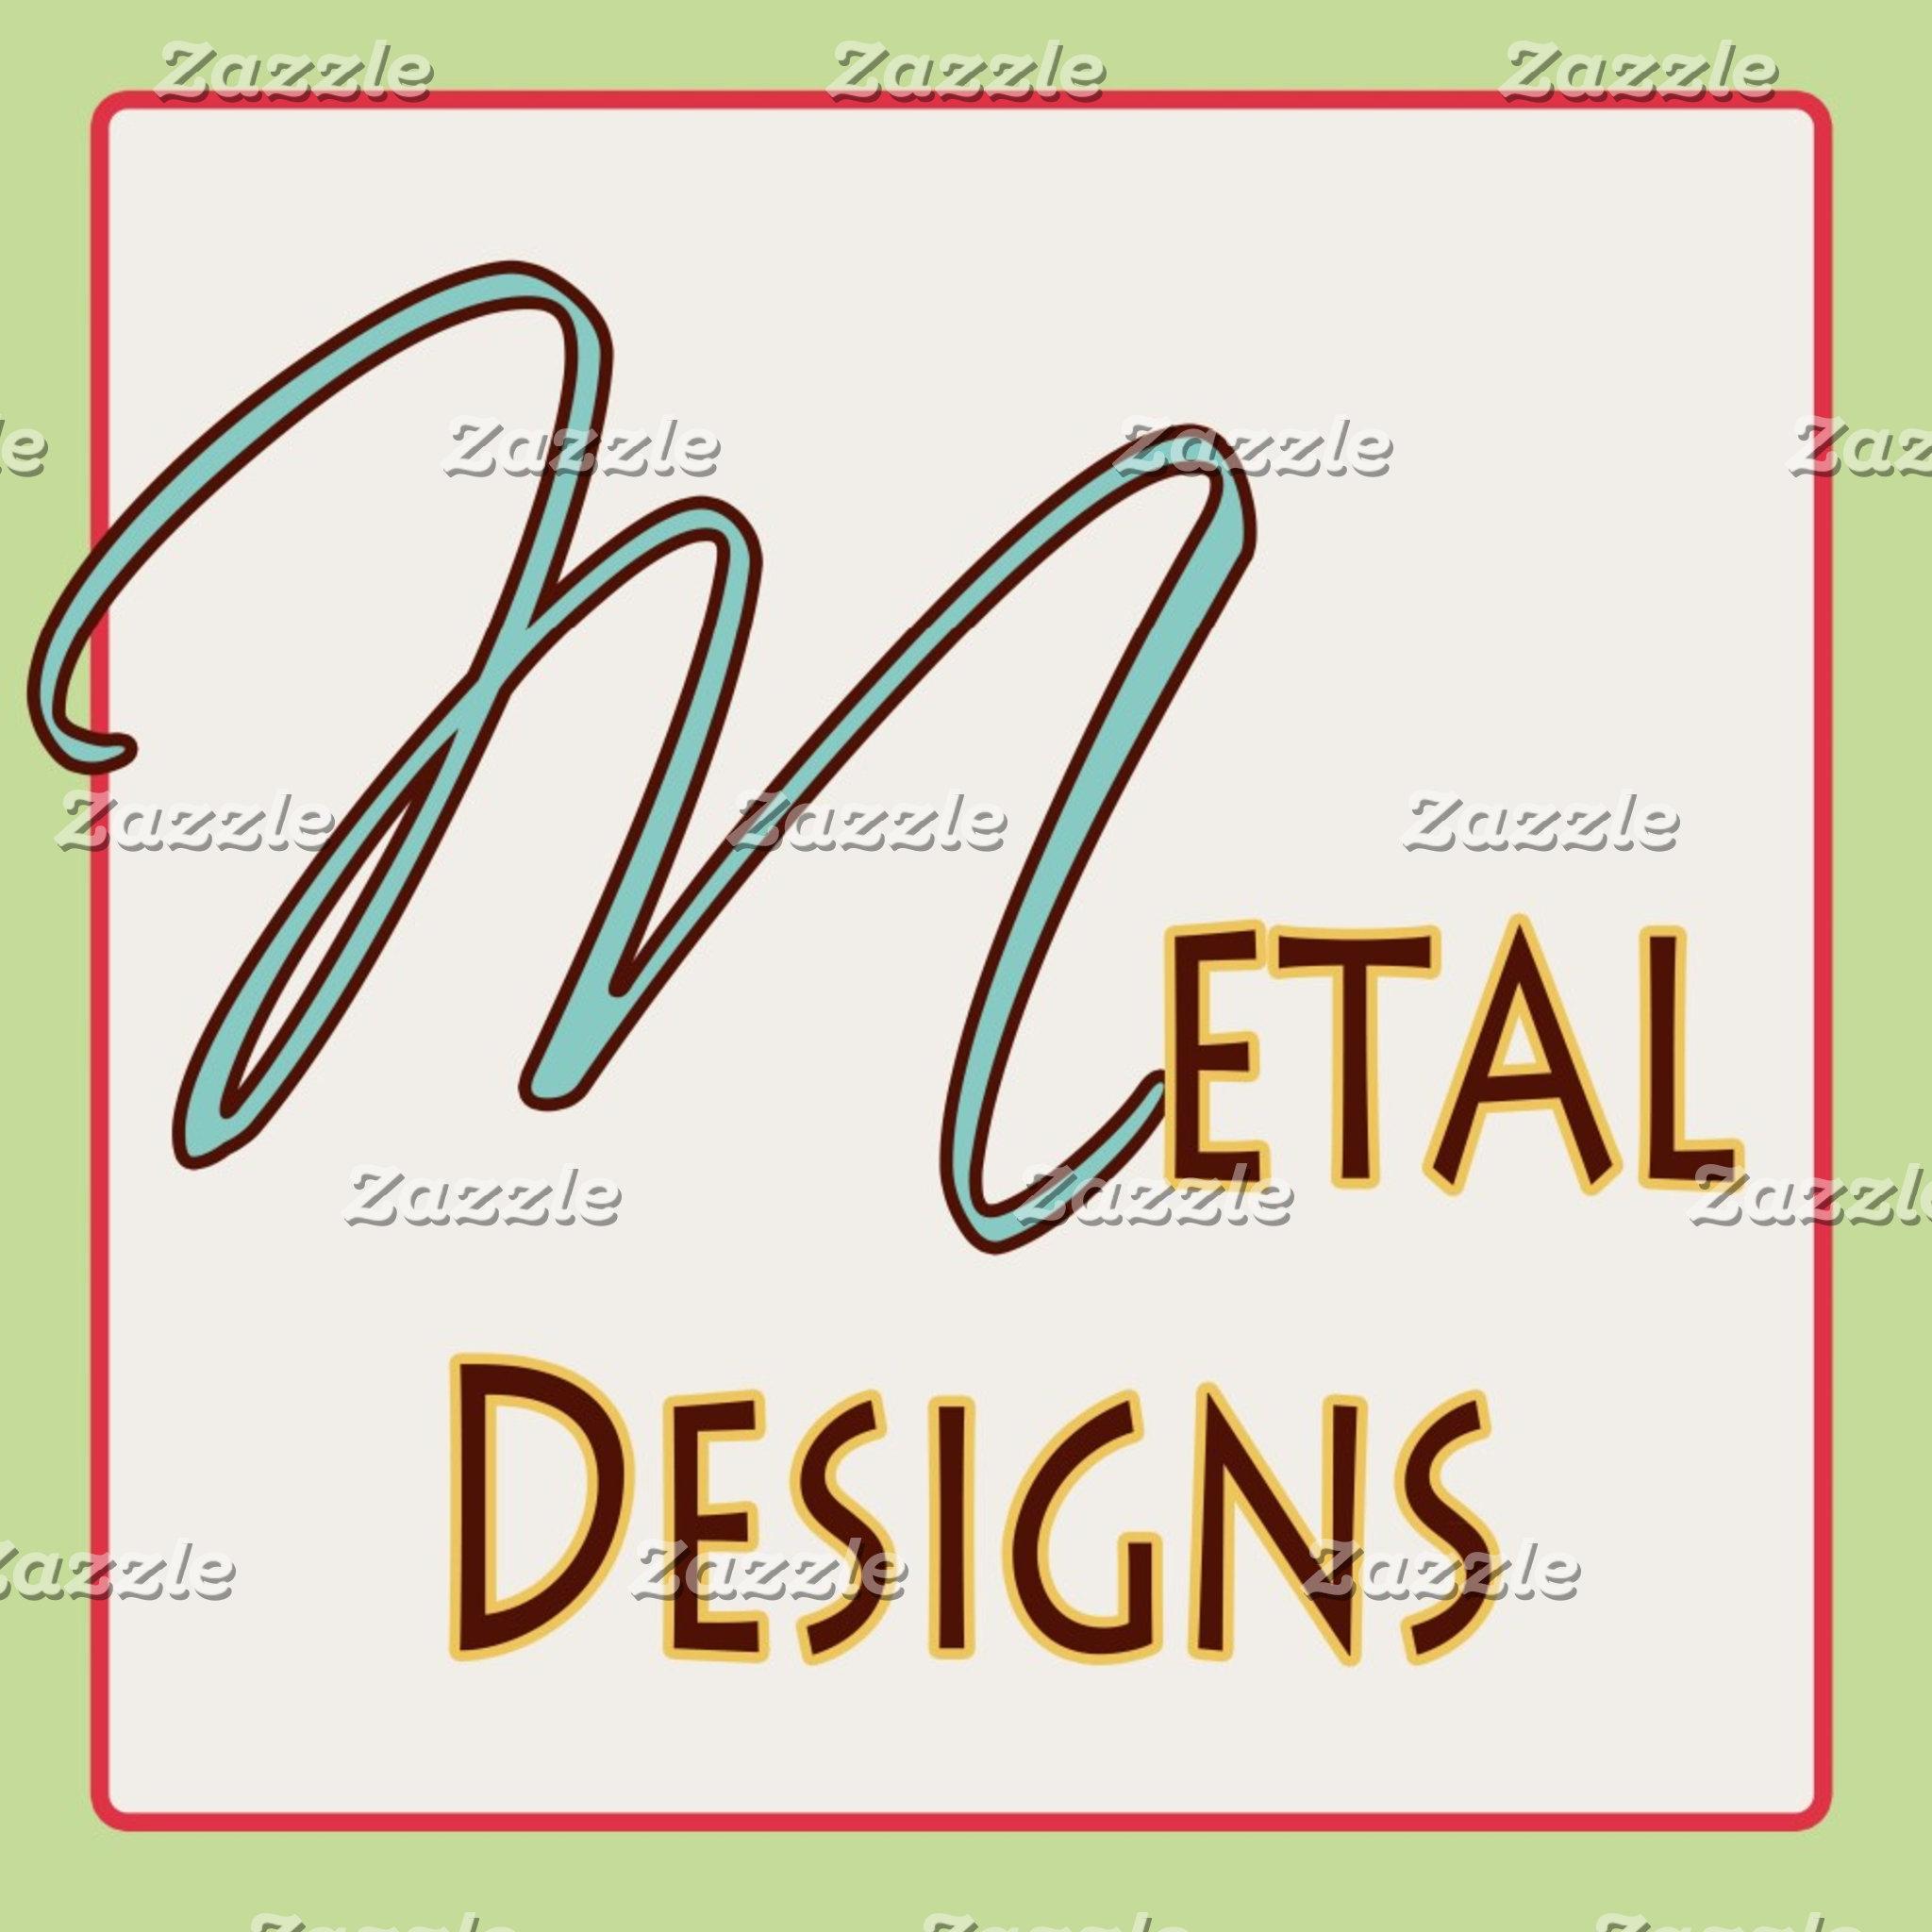 Metal Designs